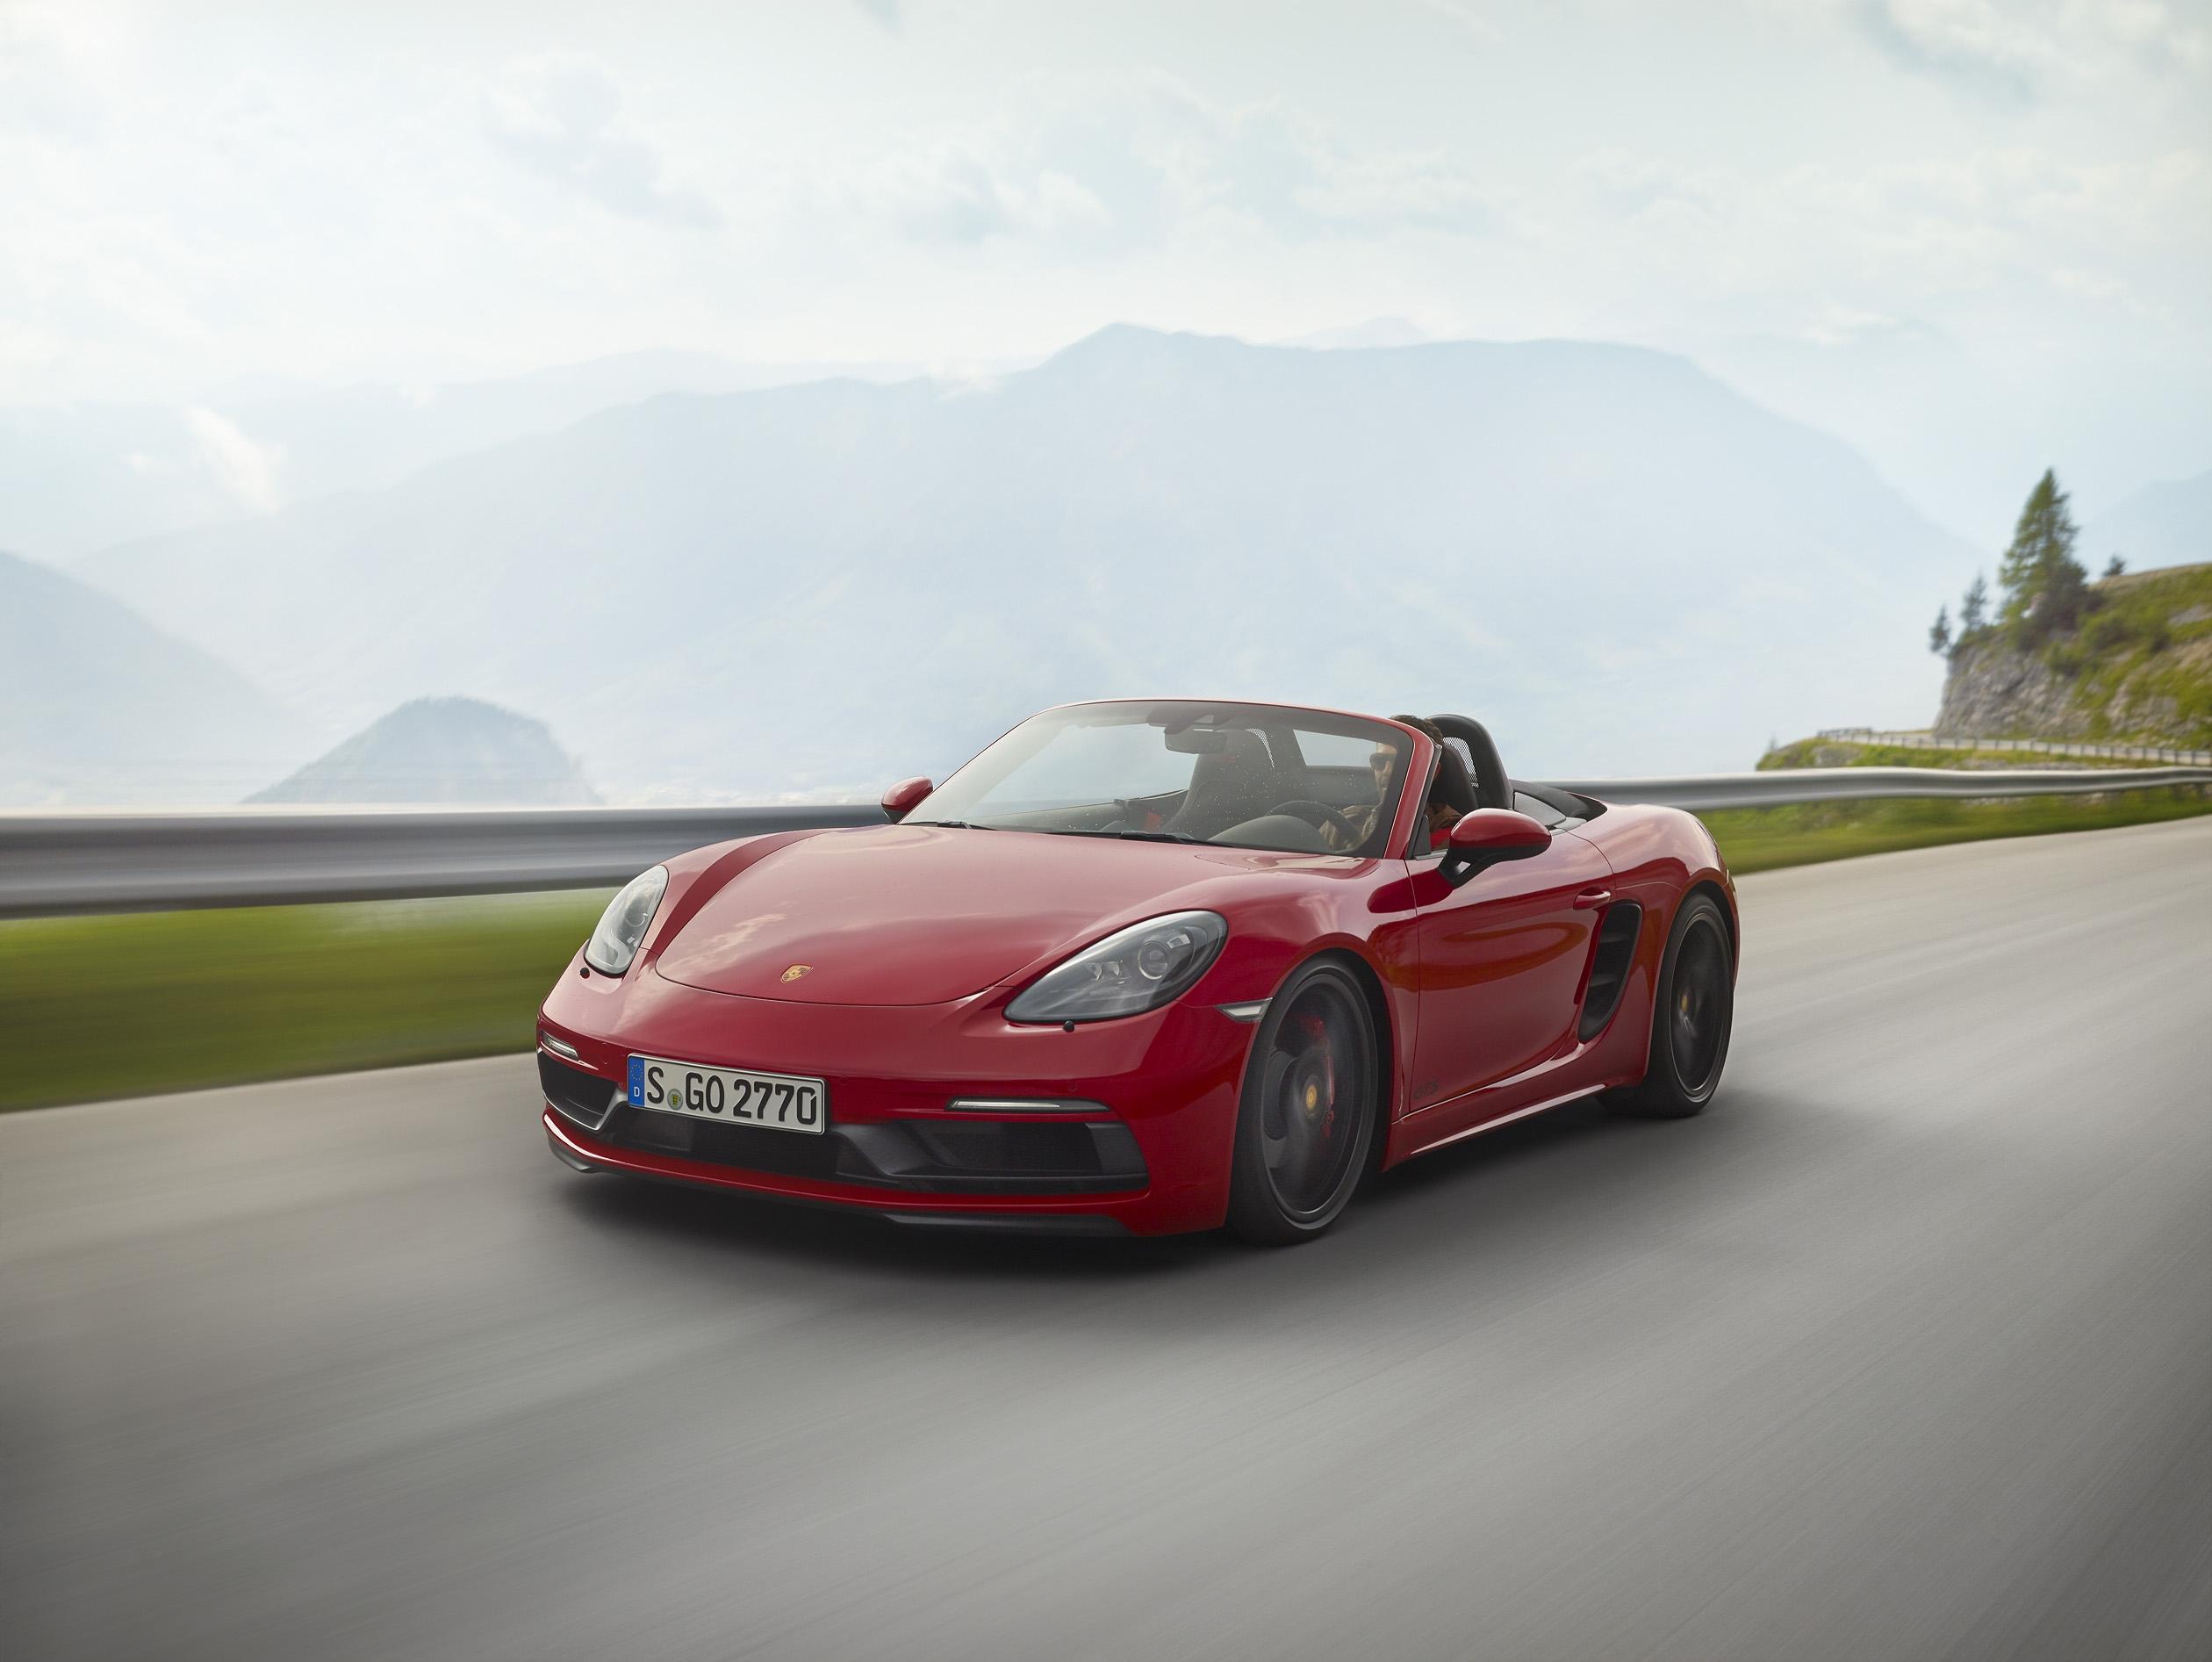 Porsche sort les muscles avec les 718 Cayman et Boxster GTS